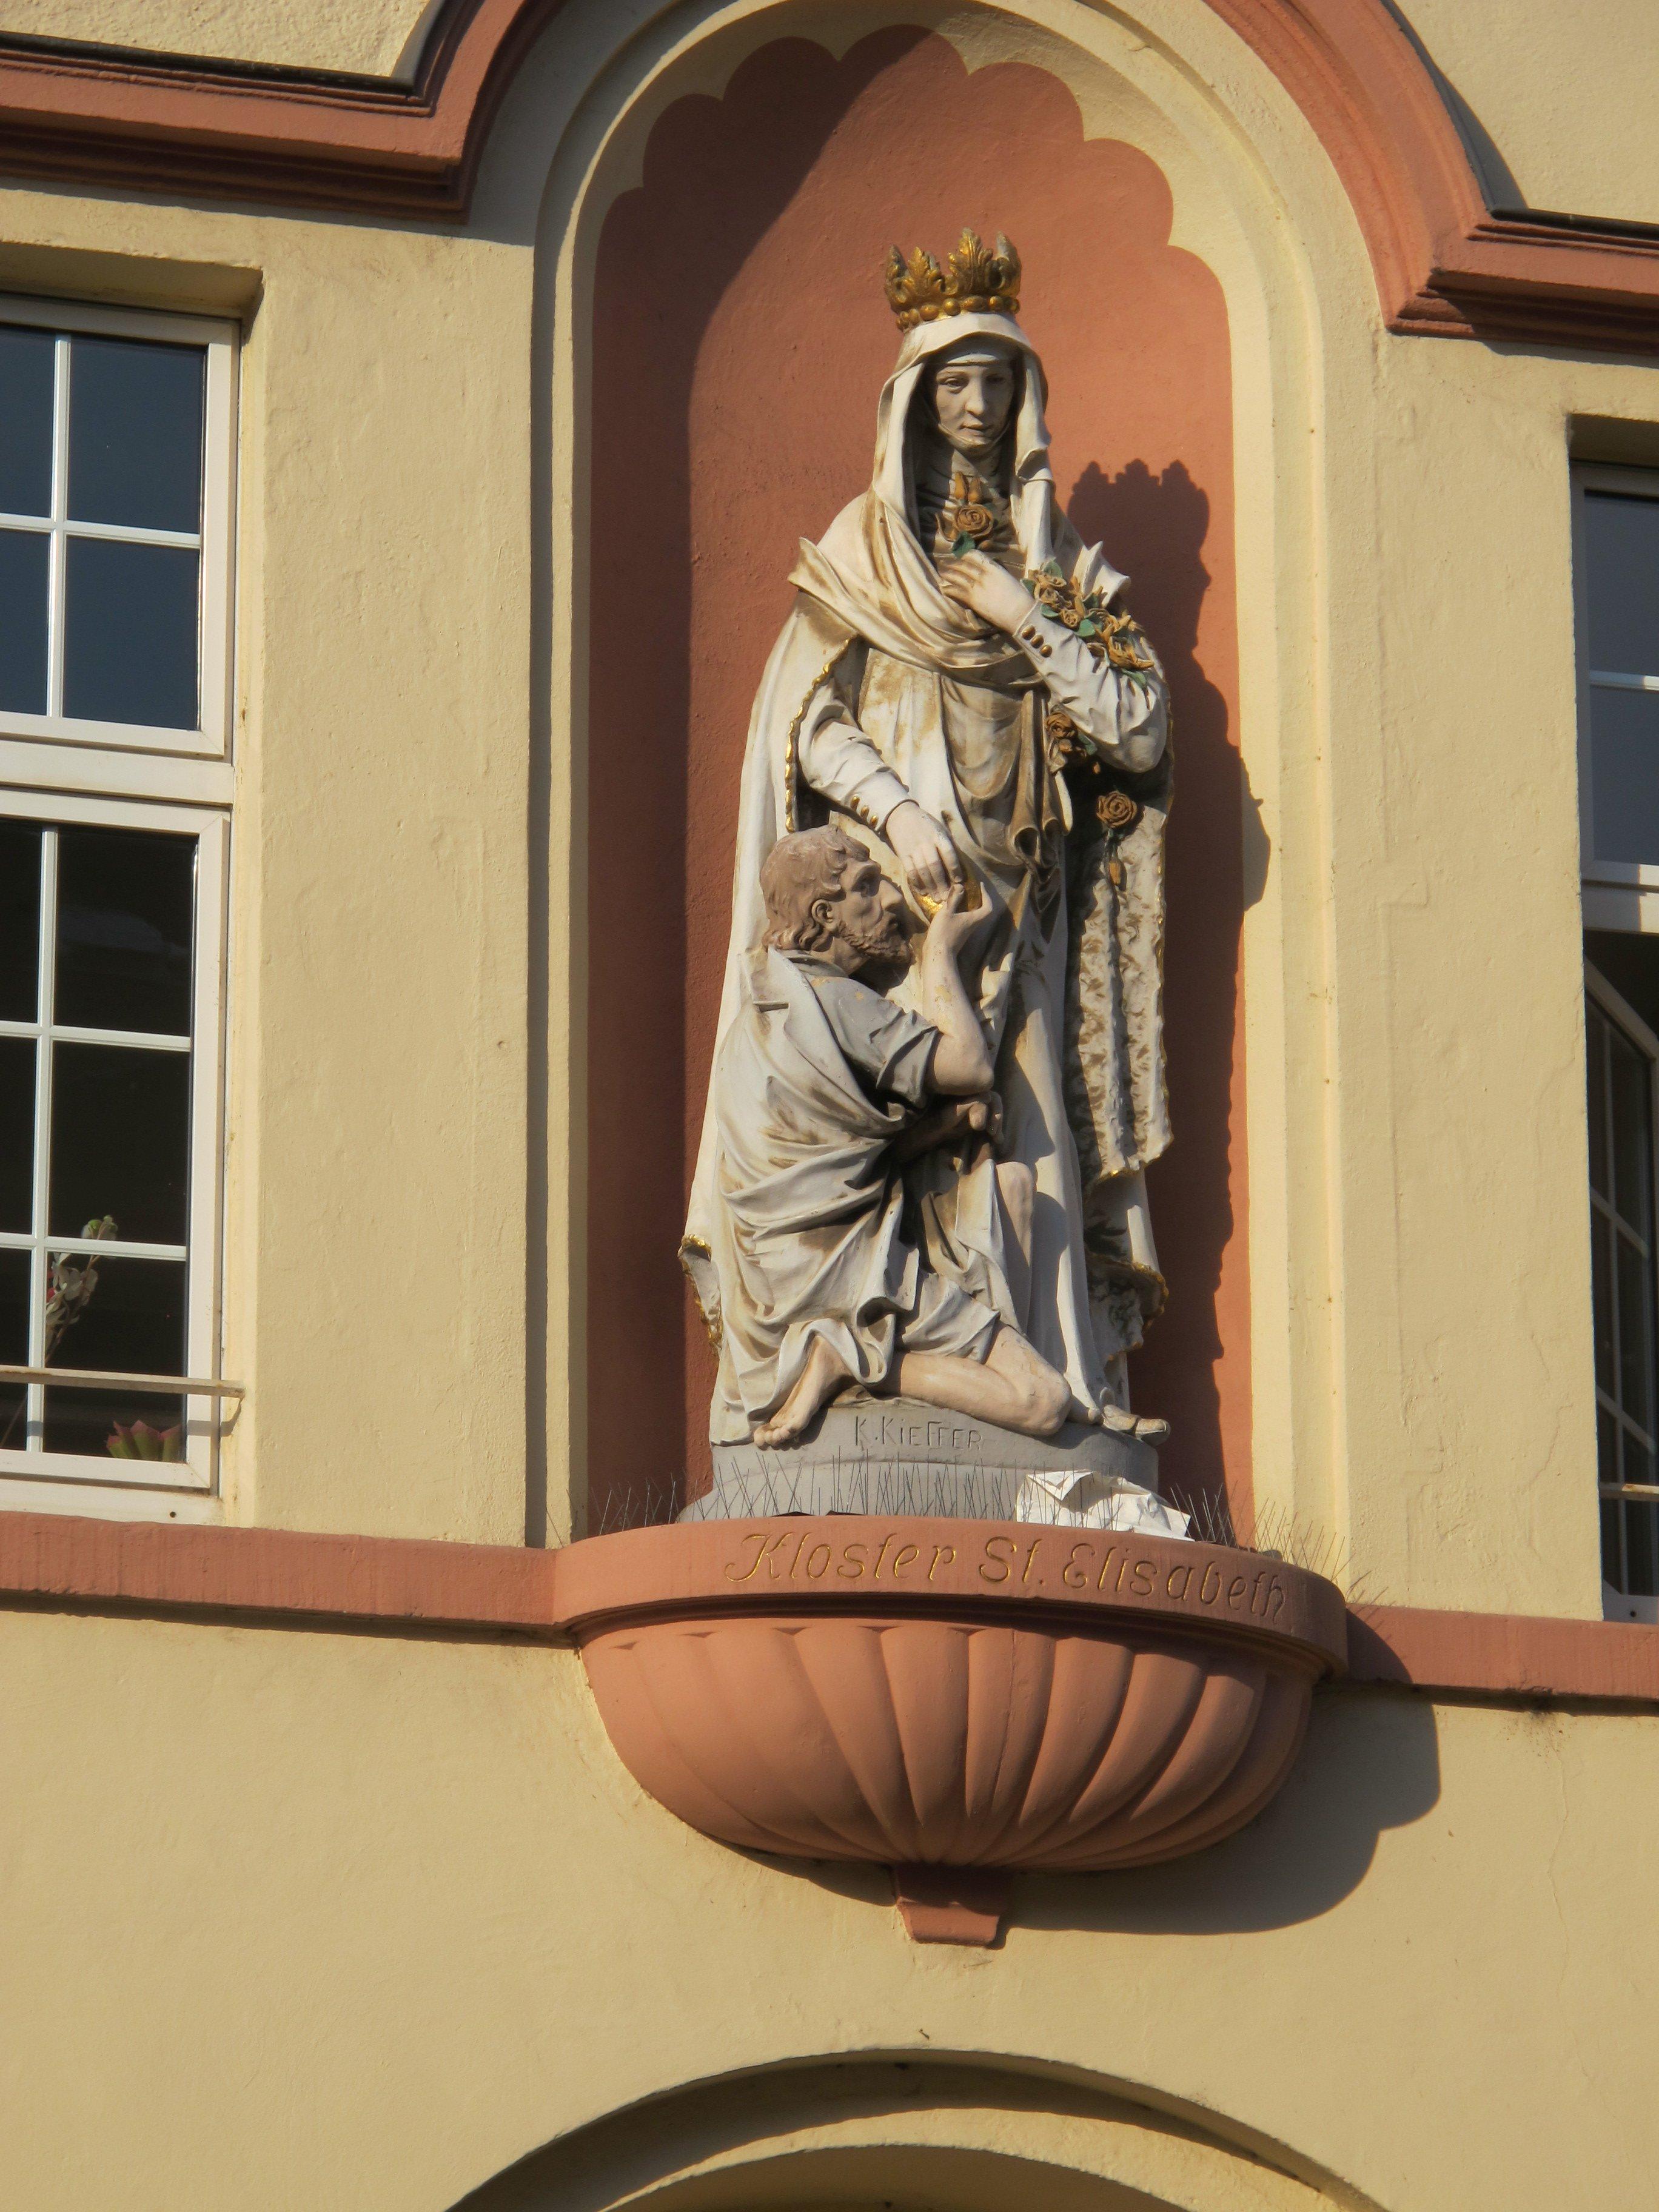 elisabethkloster.jpg